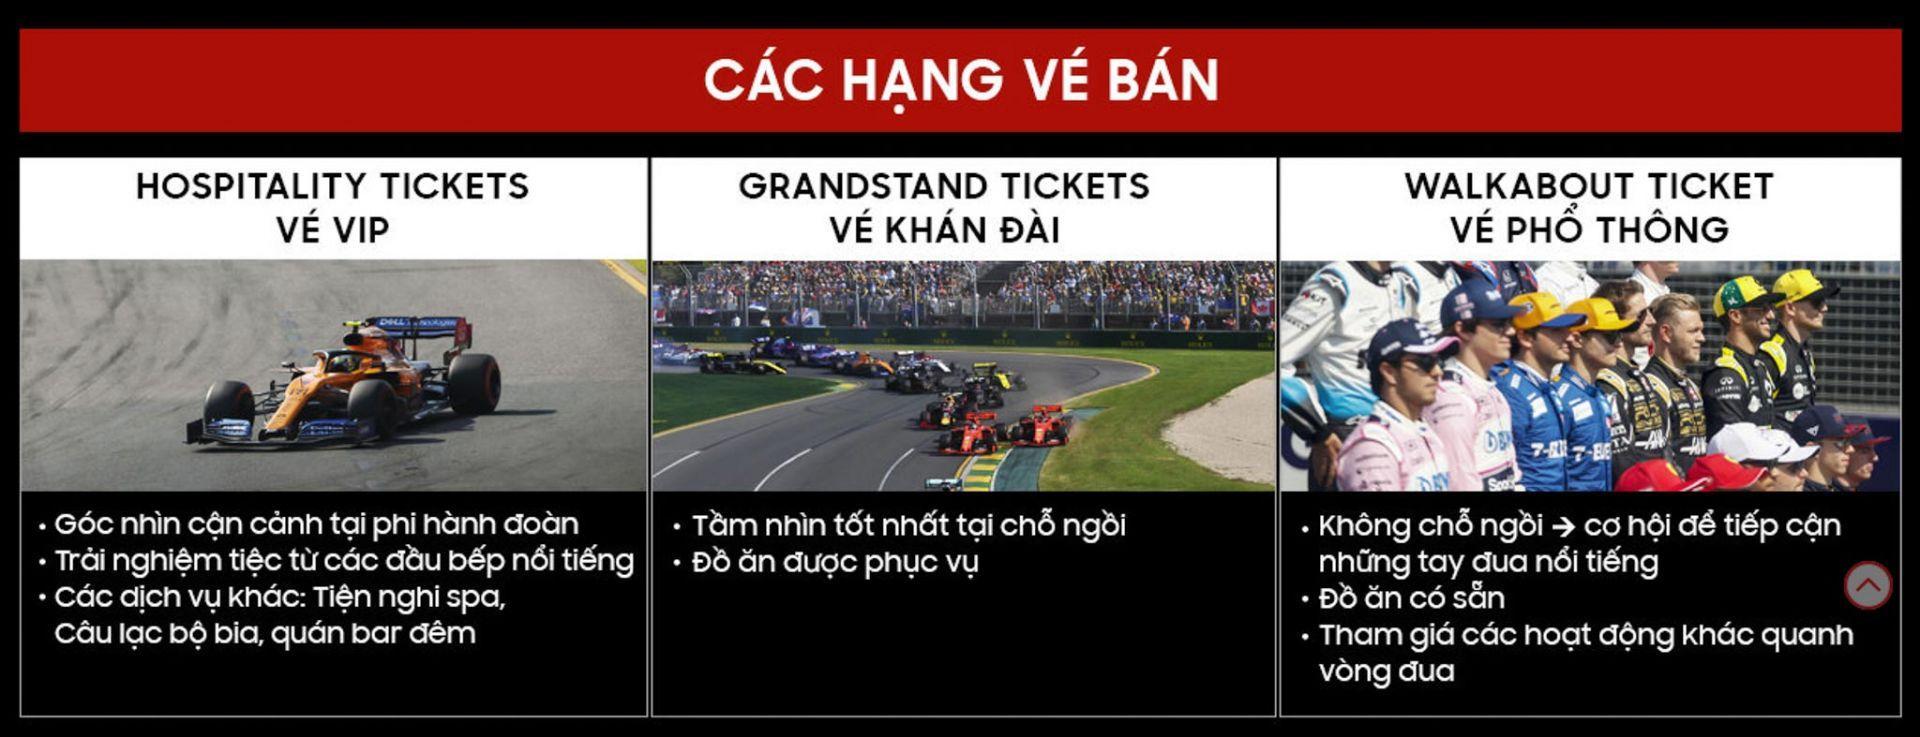 Công bố giá vé xem đua xe F1 tại Hà Nội, hạng phổ thông nhiều người mua được Ảnh 1